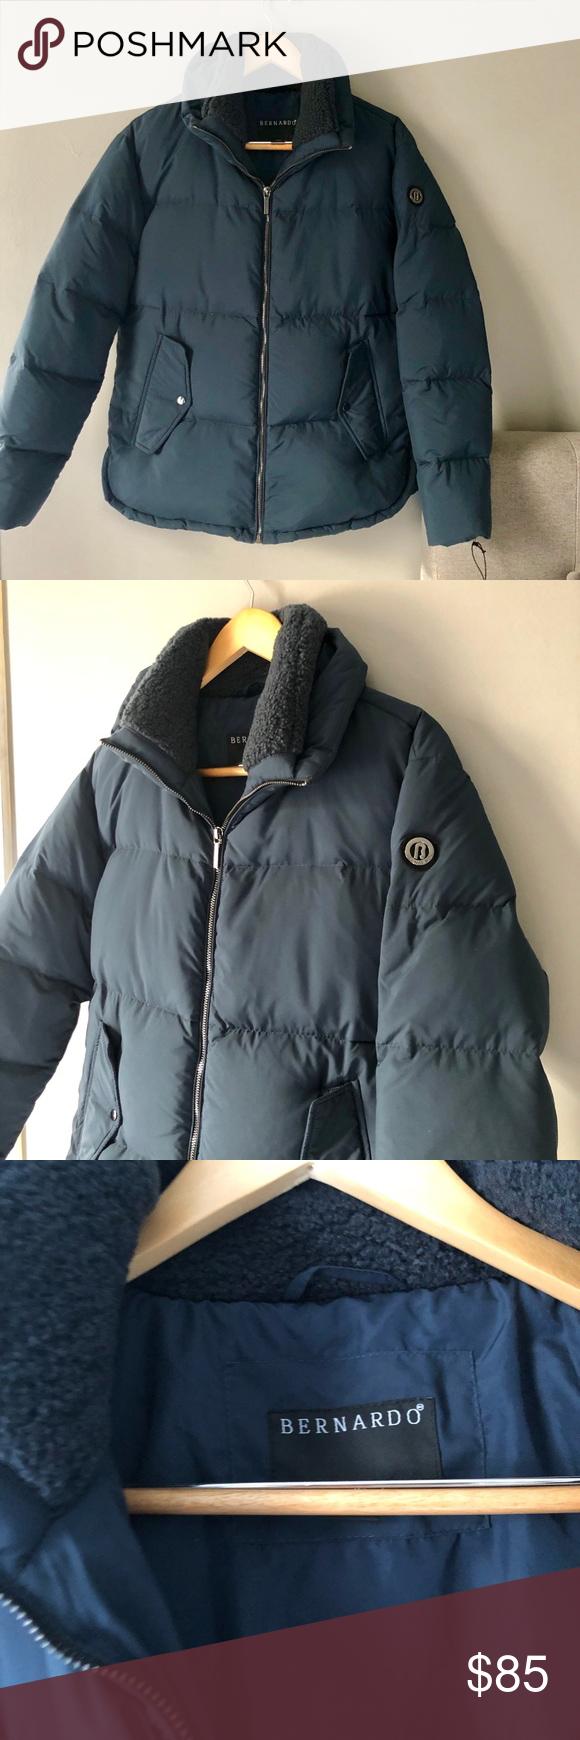 Hp New Bernardo Puffer Jacket Jackets Clothes Design Puffer Jackets [ 1740 x 580 Pixel ]